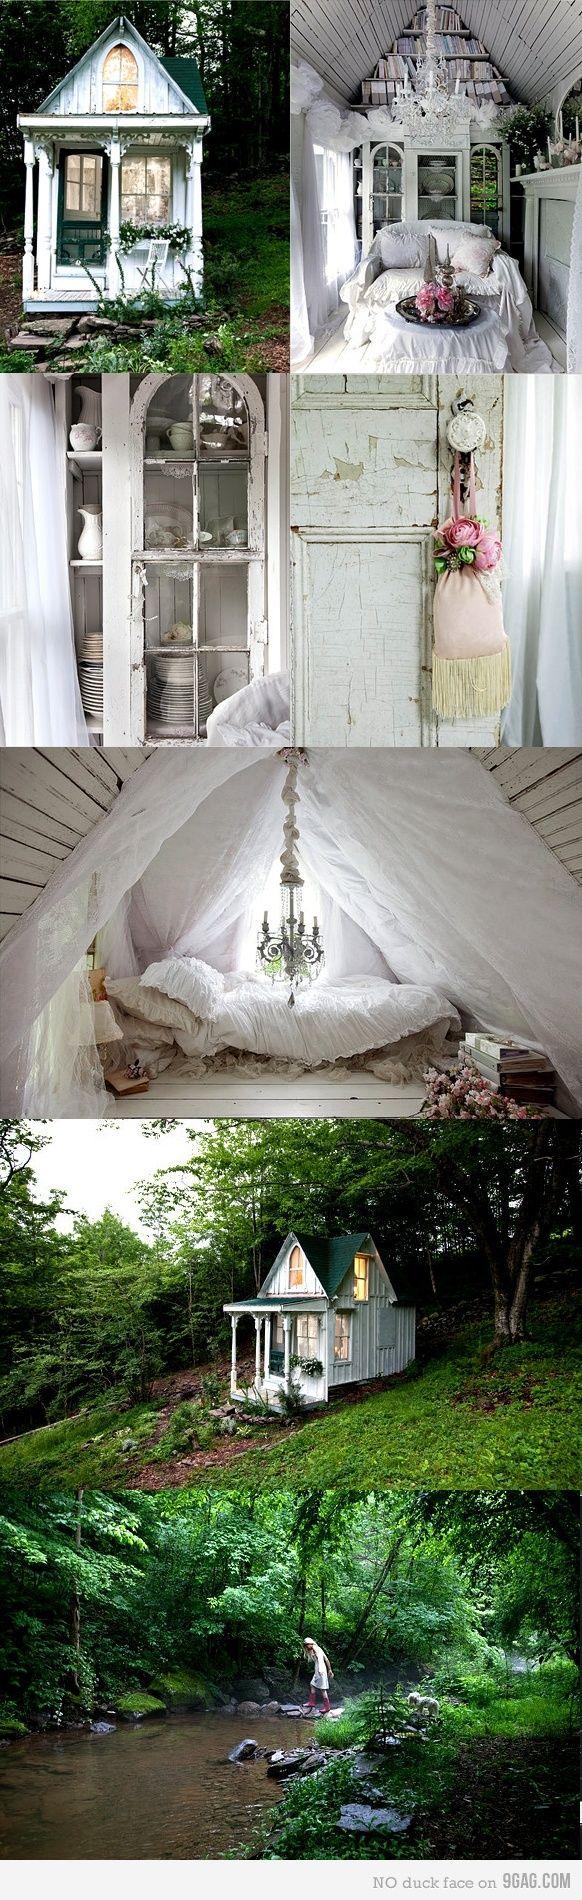 Quero uma assim!